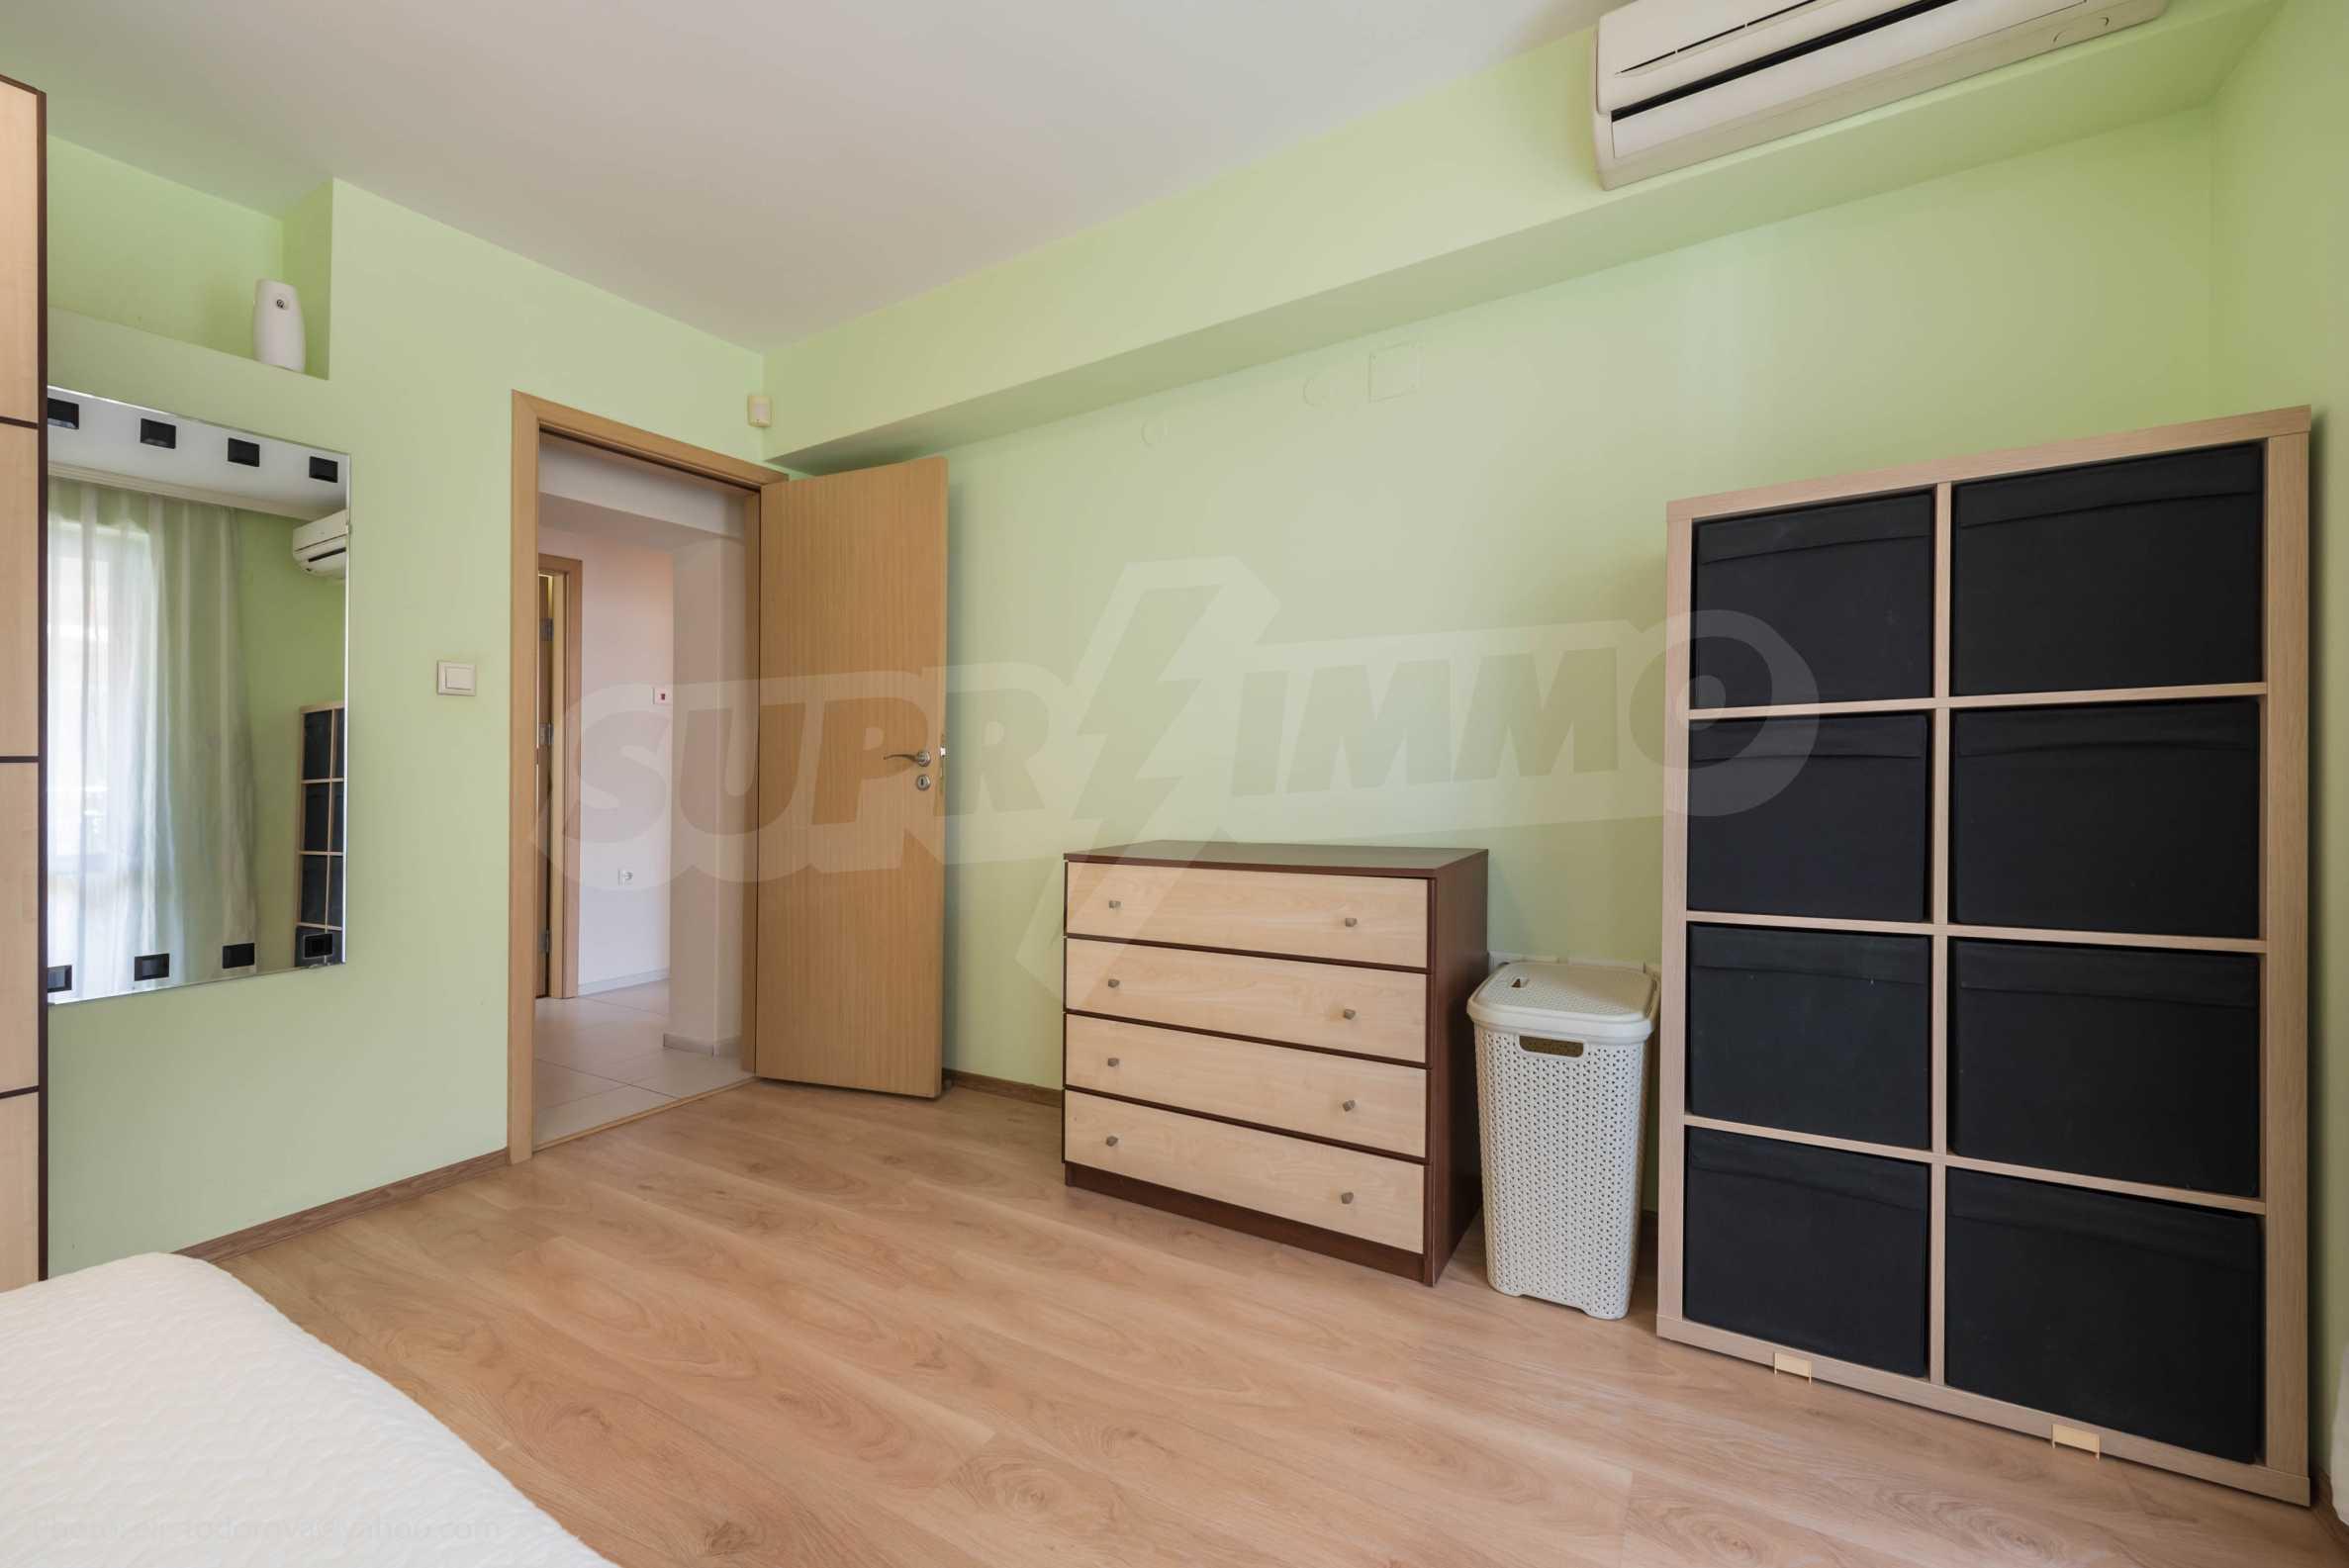 Apartment 'Elegant' 18